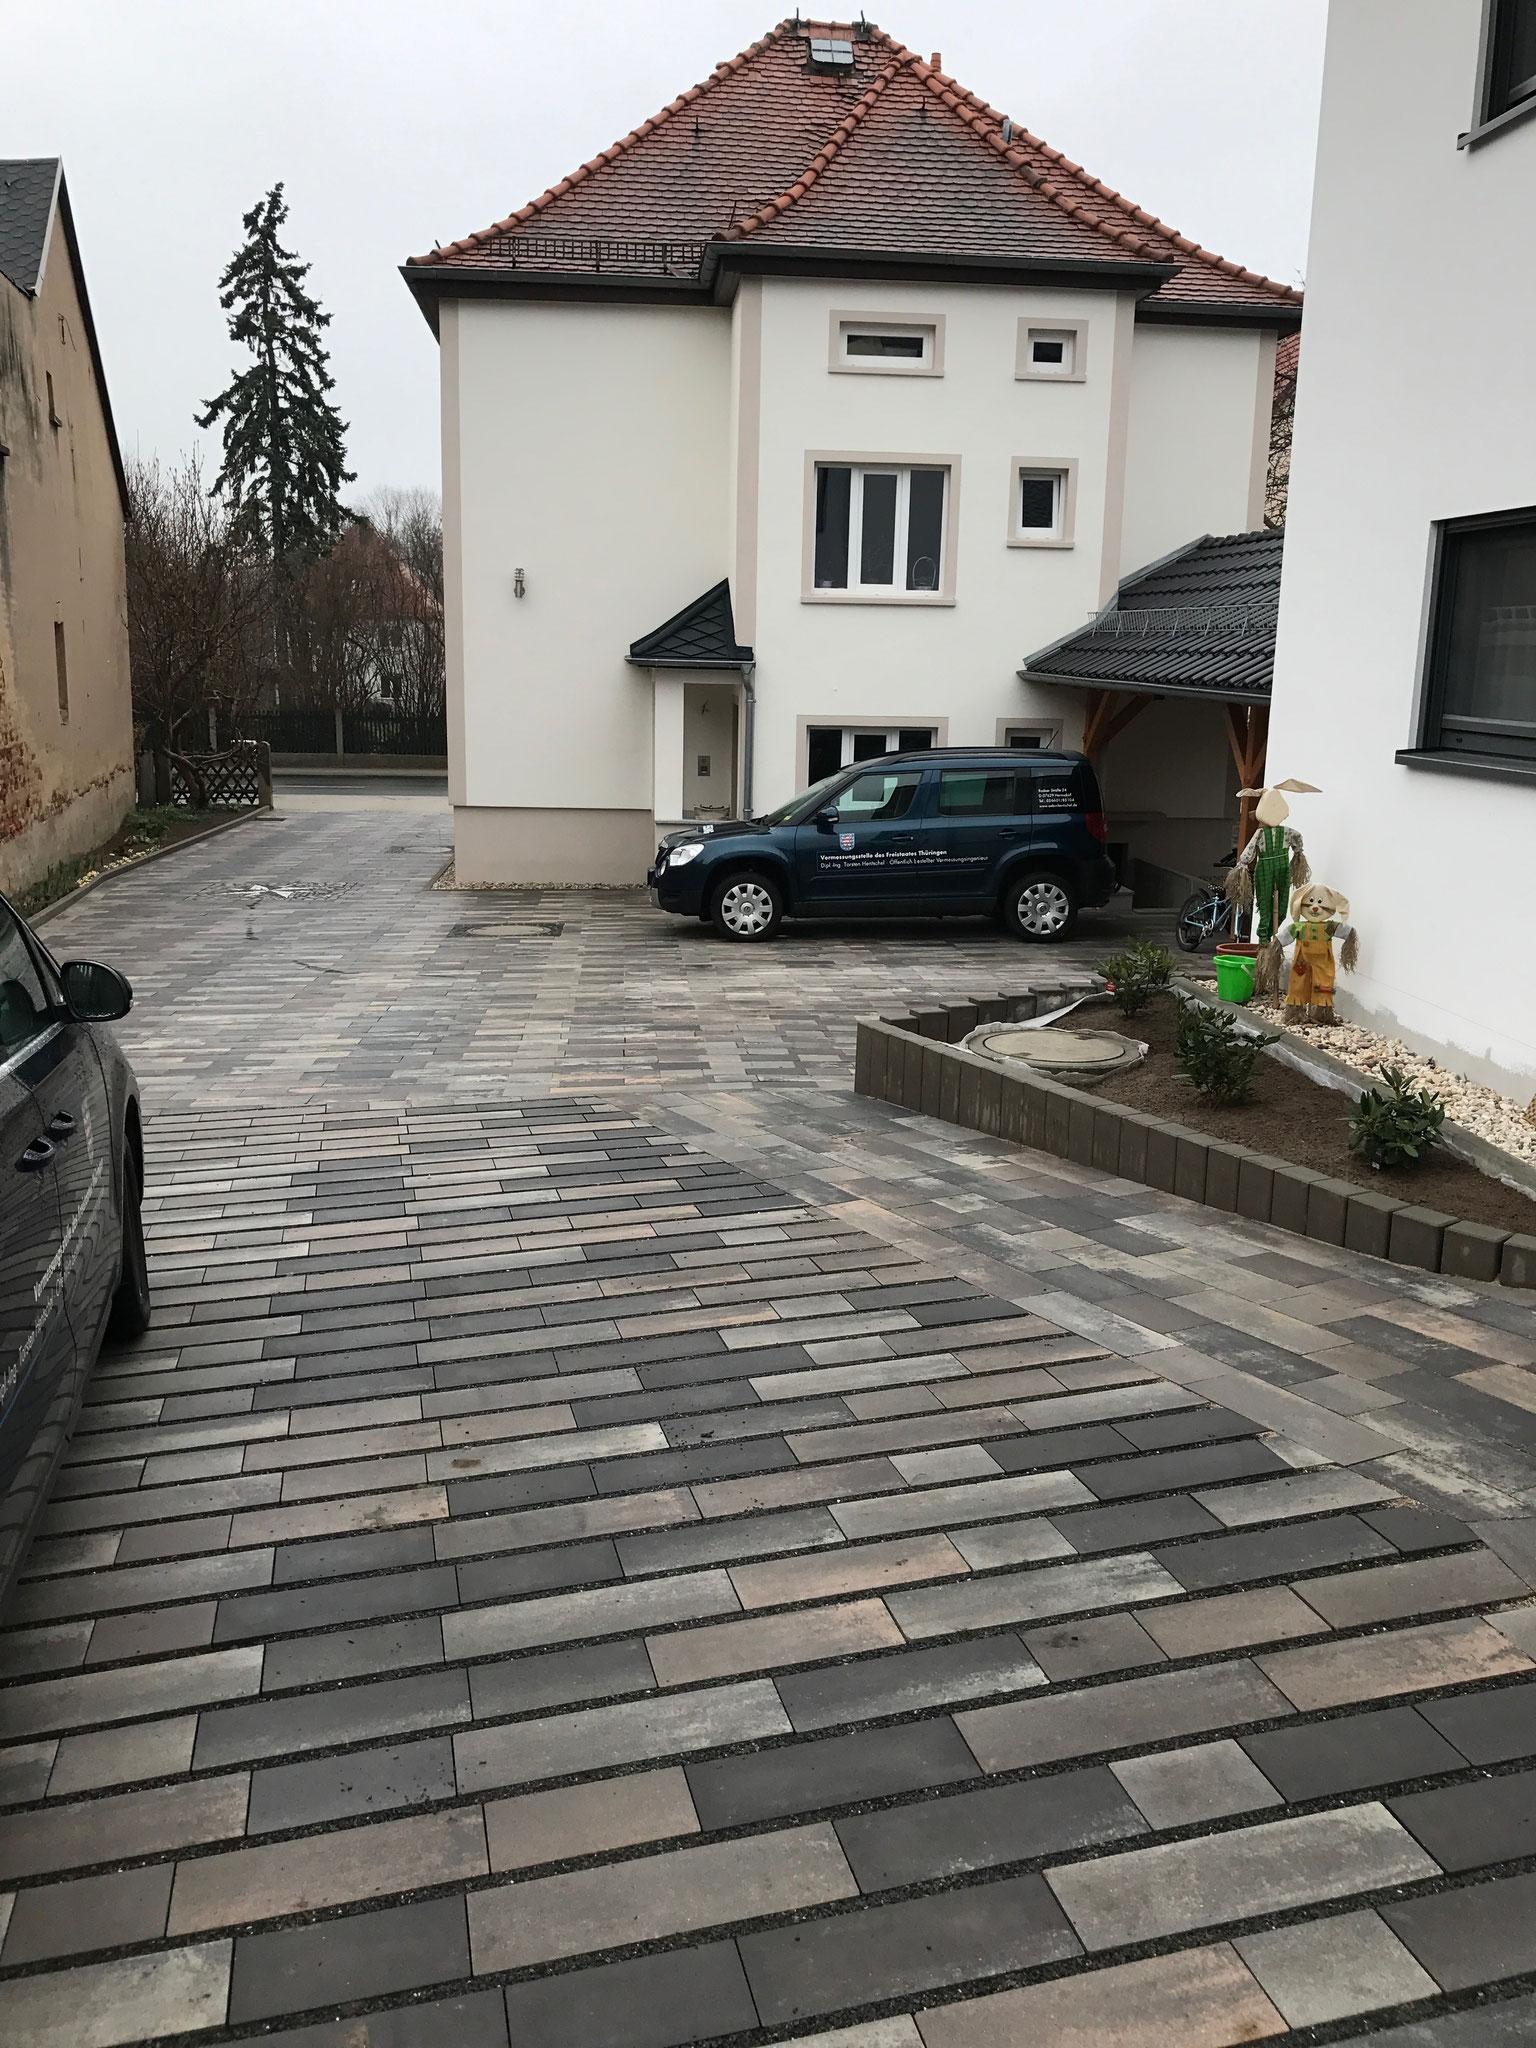 Innenhofanlage mit Beton- und Hydropor-Pflaster Fa. RINN